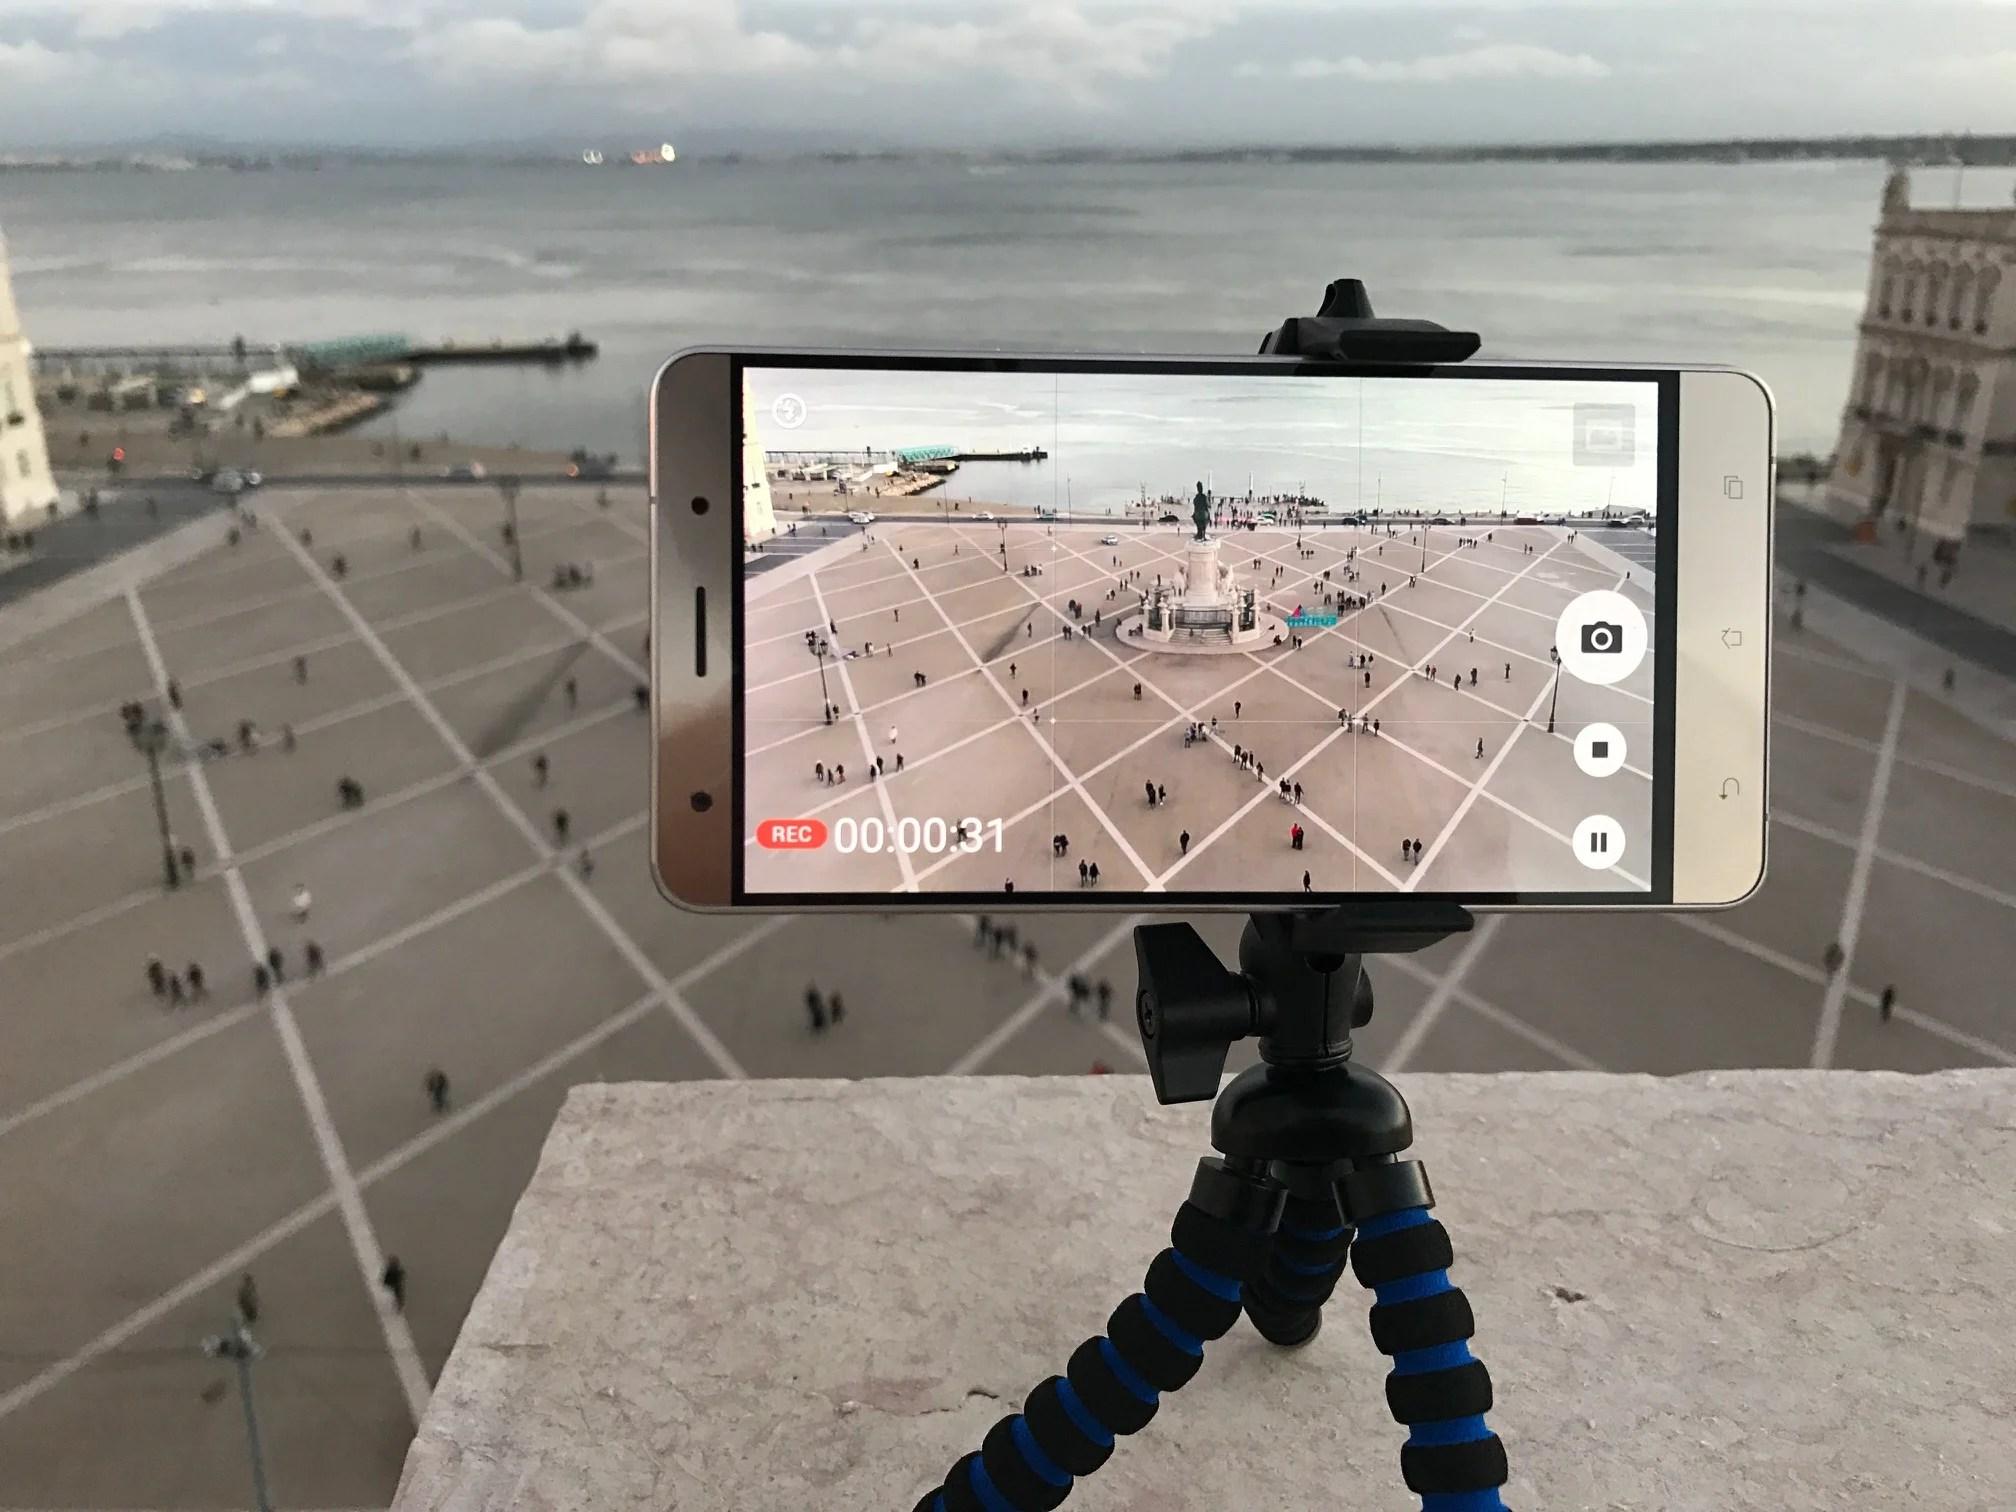 A la visite de Lisbonne avec l'Asus Zenfone 3 Deluxe